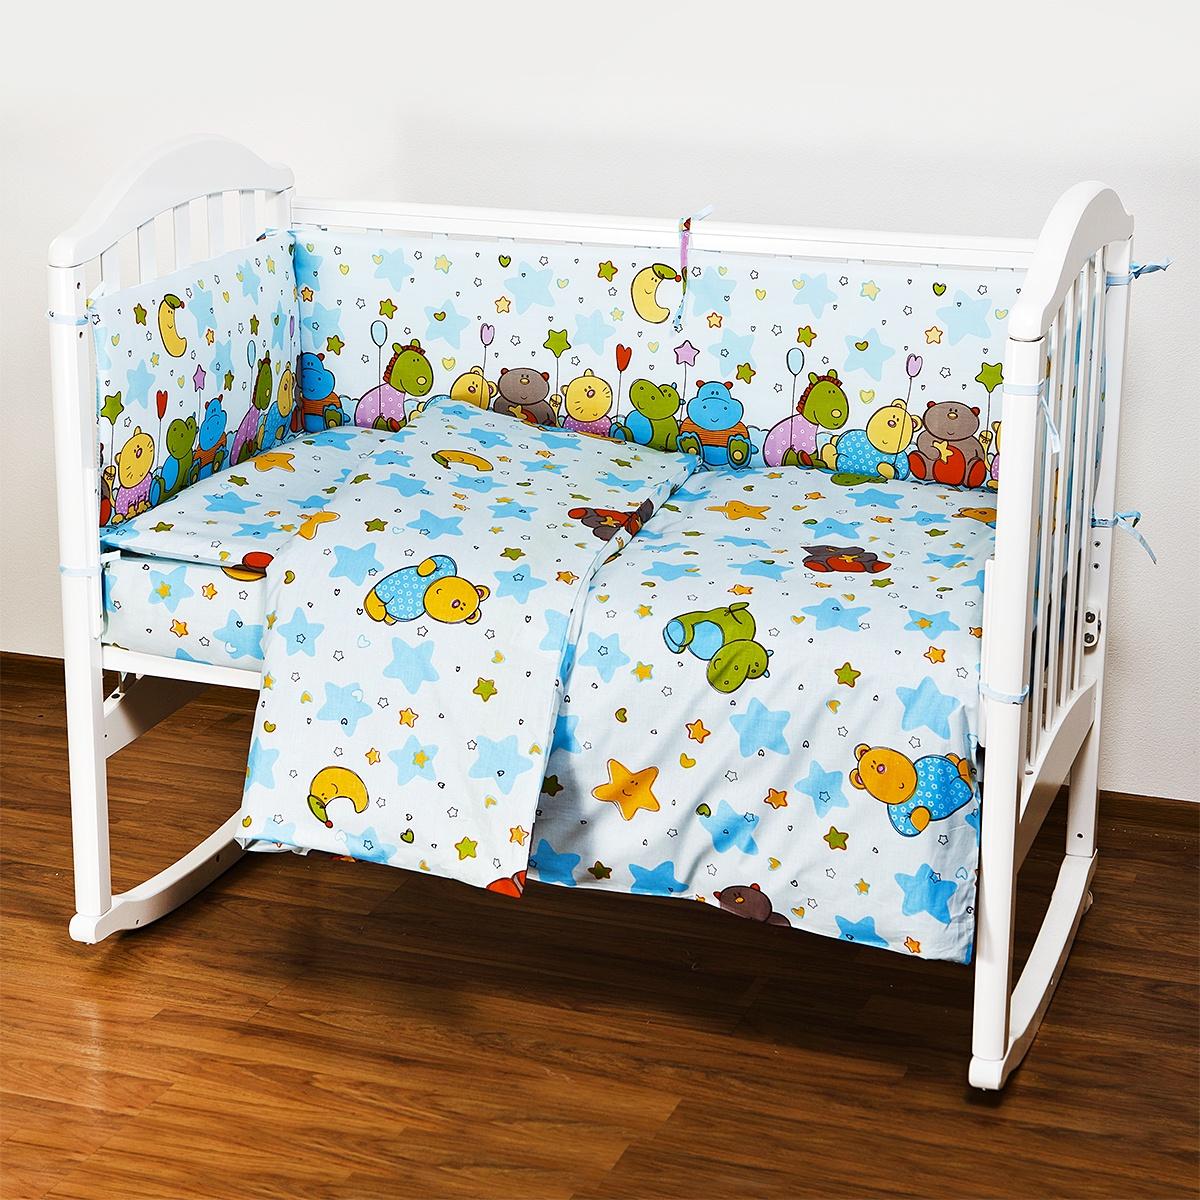 """Комплект в кроватку Споки Ноки """"Звездопад"""", H13/11BL, голубой, 6 предметов"""